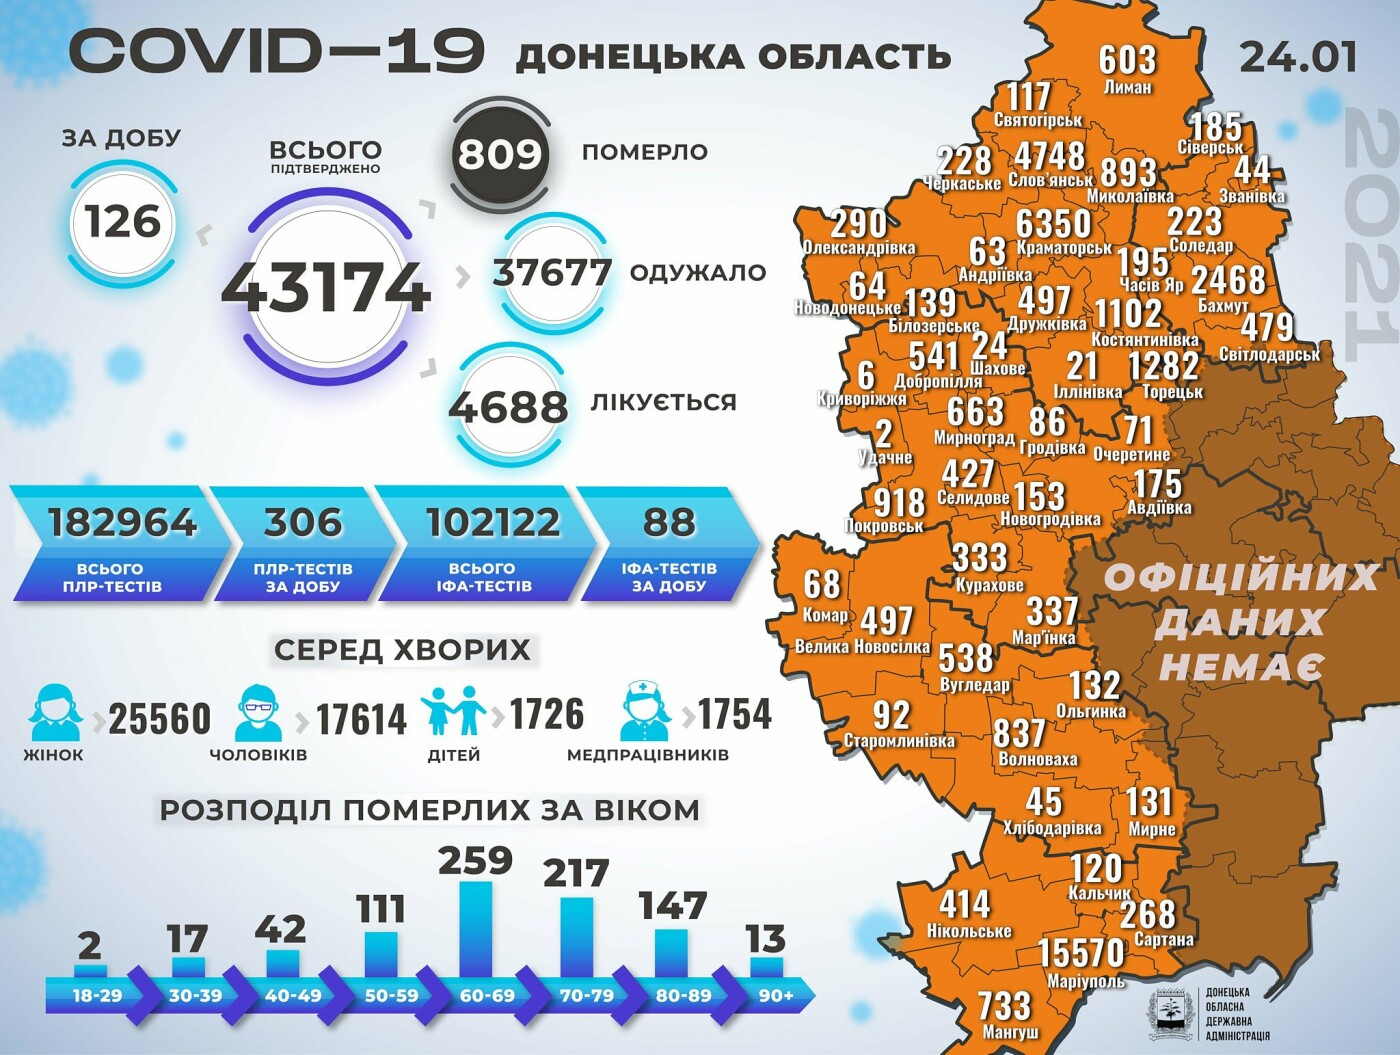 В Донецкой области 126 новых случаев коронавируса, фото-1